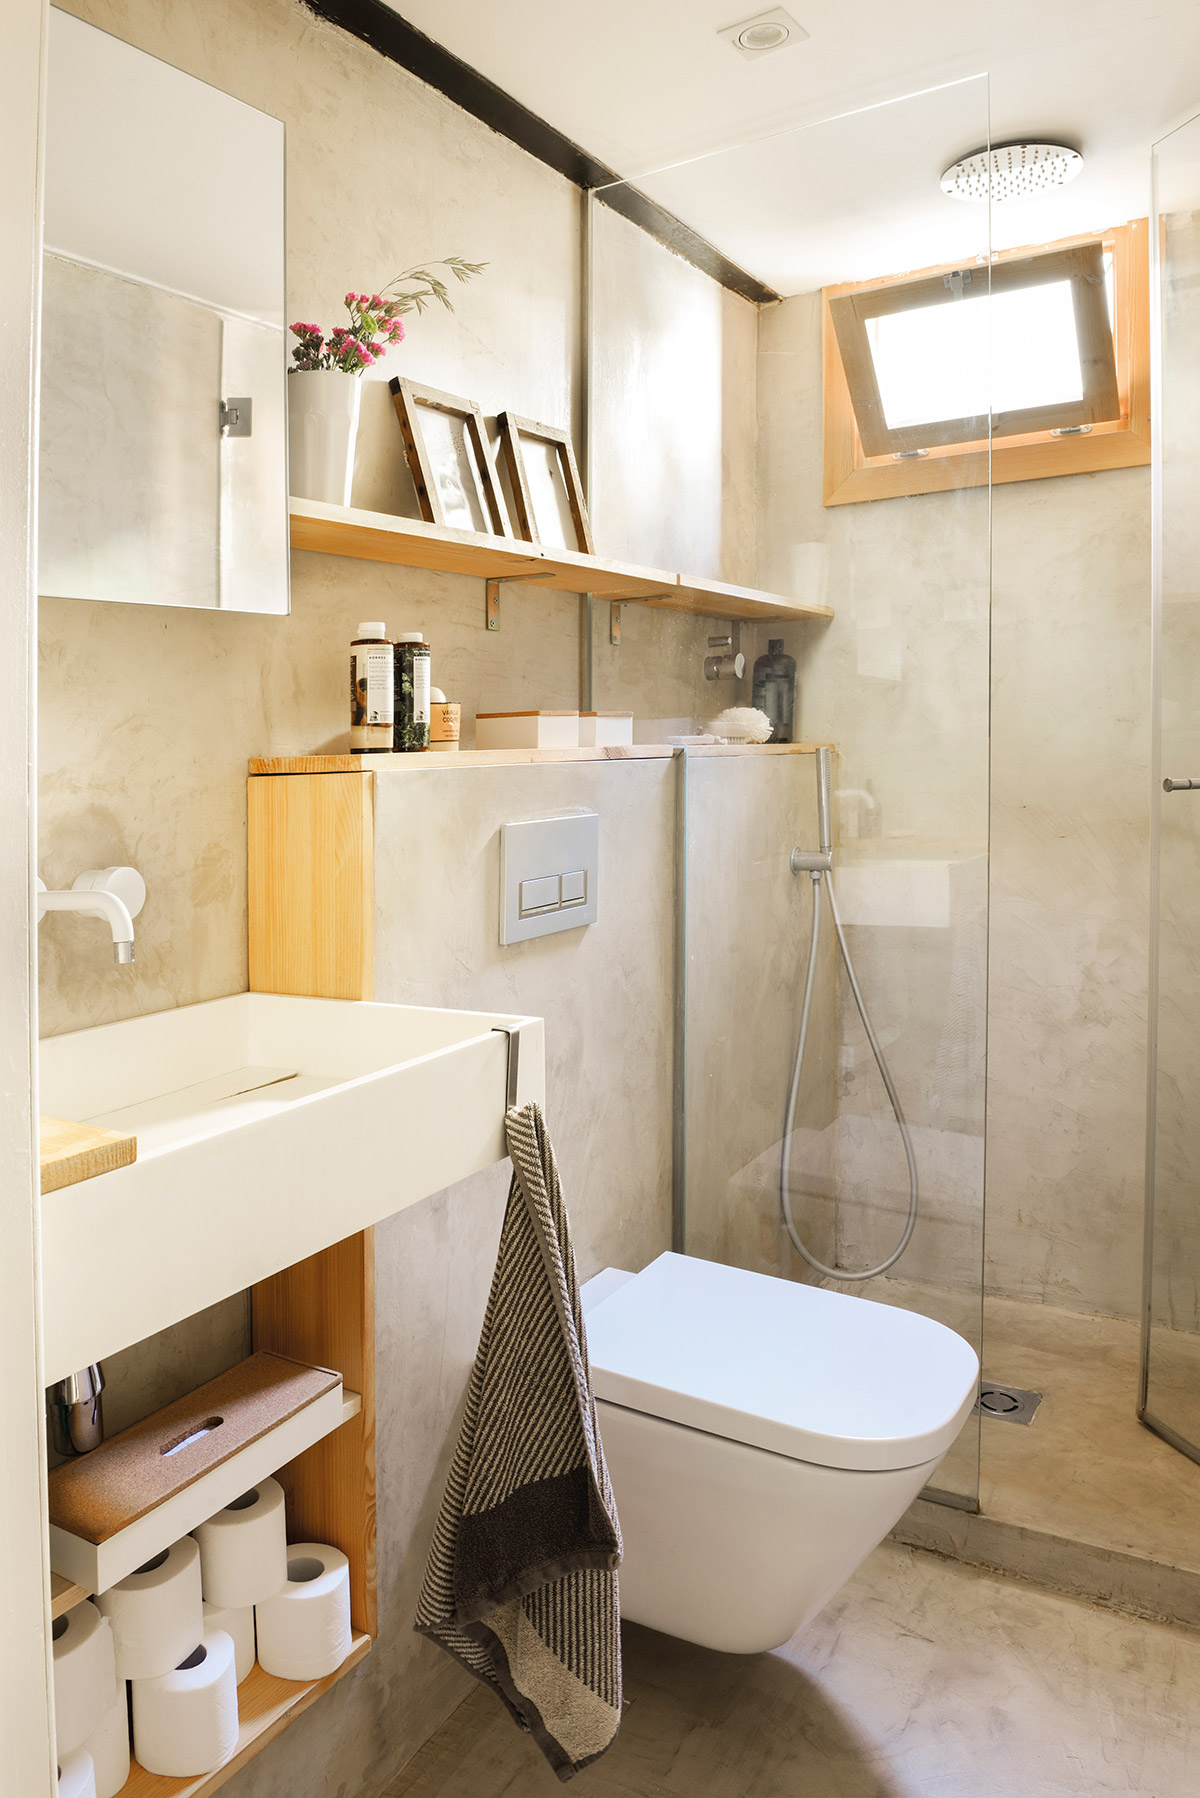 Ideas para aprovechar al m ximo el espacio de un piso peque o for Muebles para dentro ducha